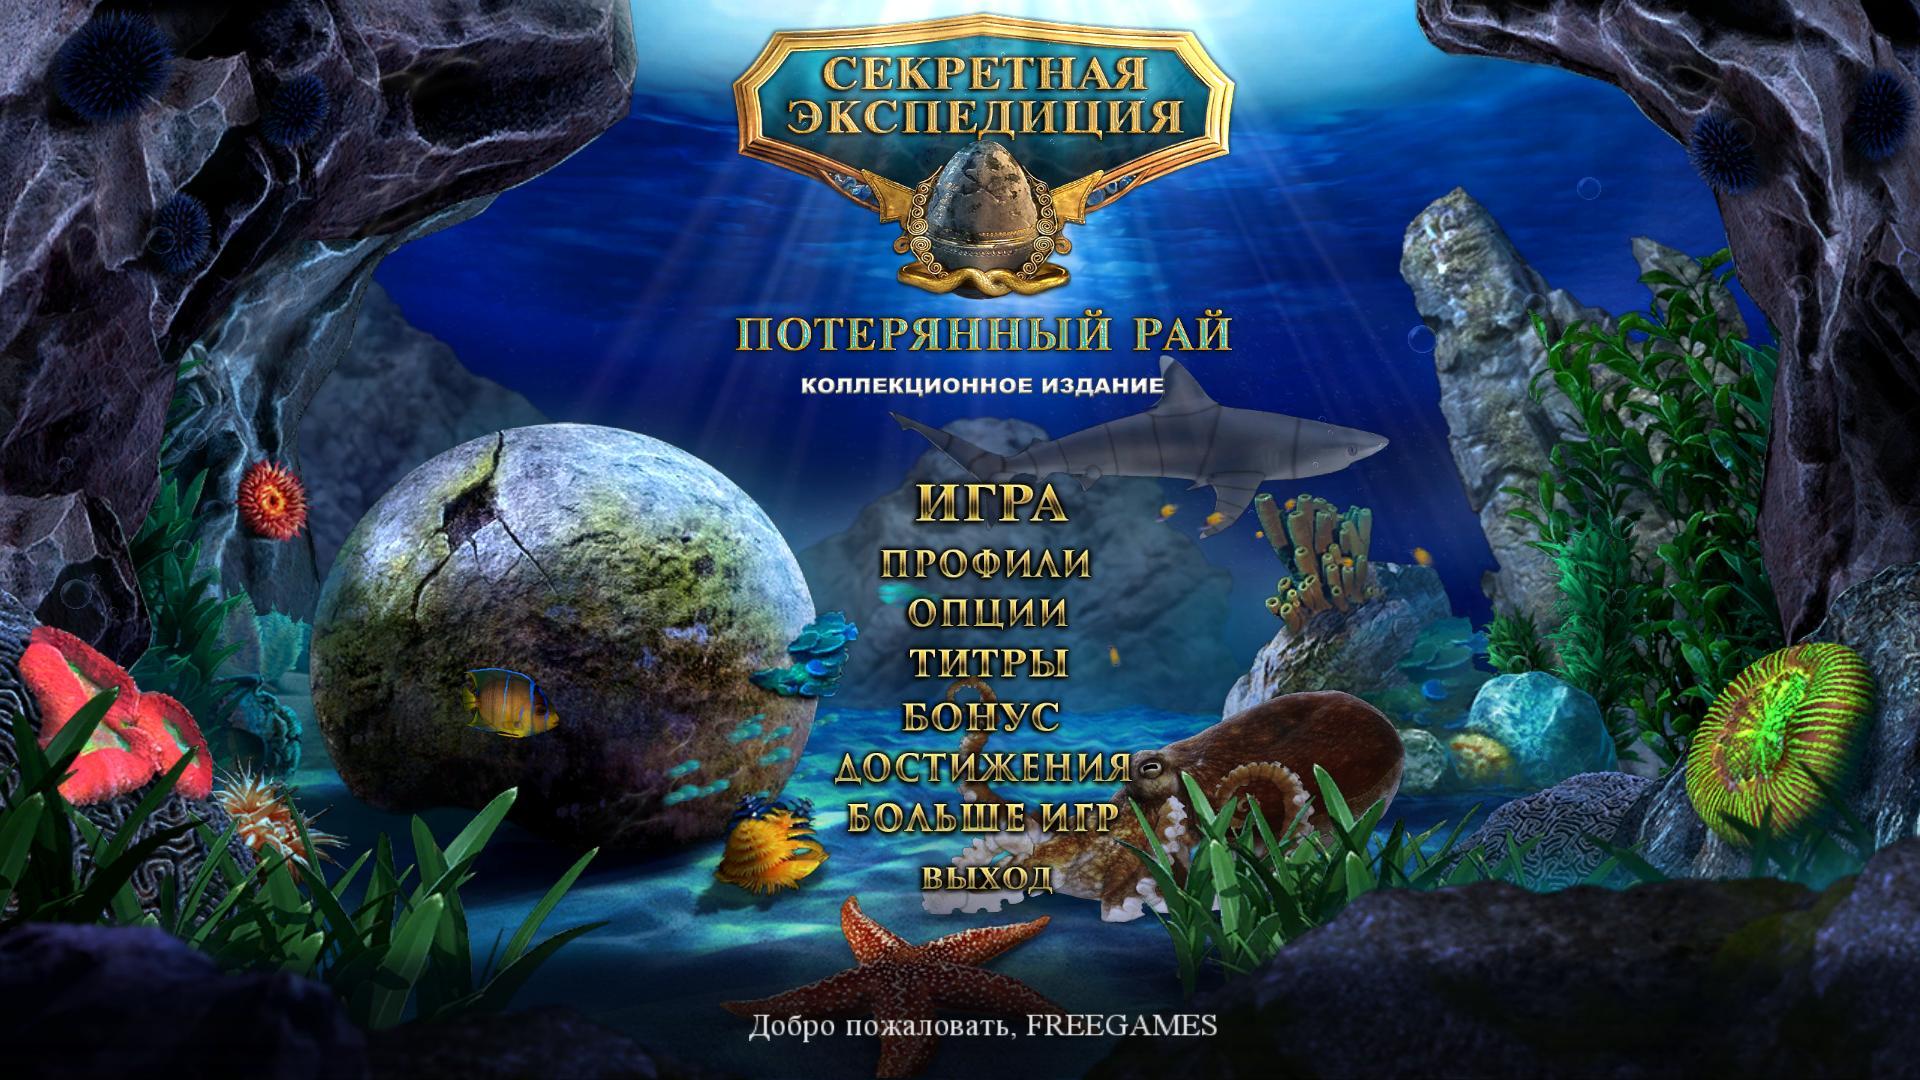 Секретная экспедиция 13: Потерянный рай. Коллекционное издание | Hidden Expedition 13: The Lost Paradise CE (Rus)